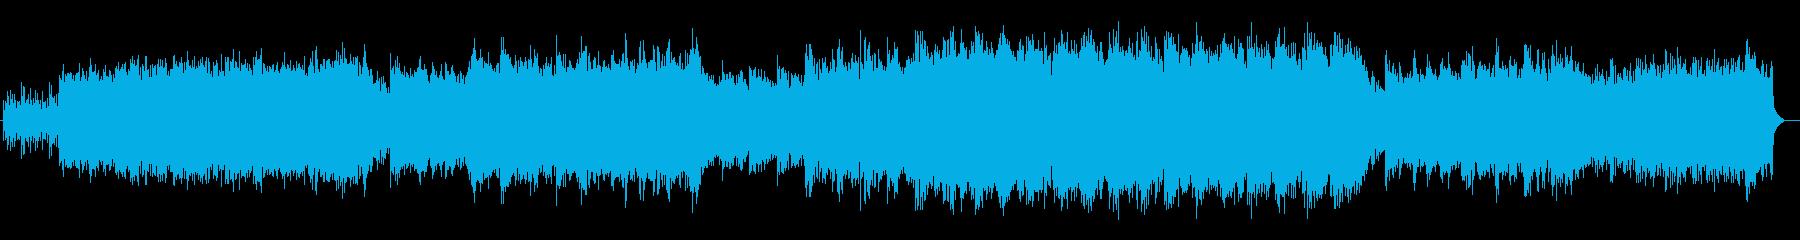 オルゴールのような音色が神秘的なサウンドの再生済みの波形